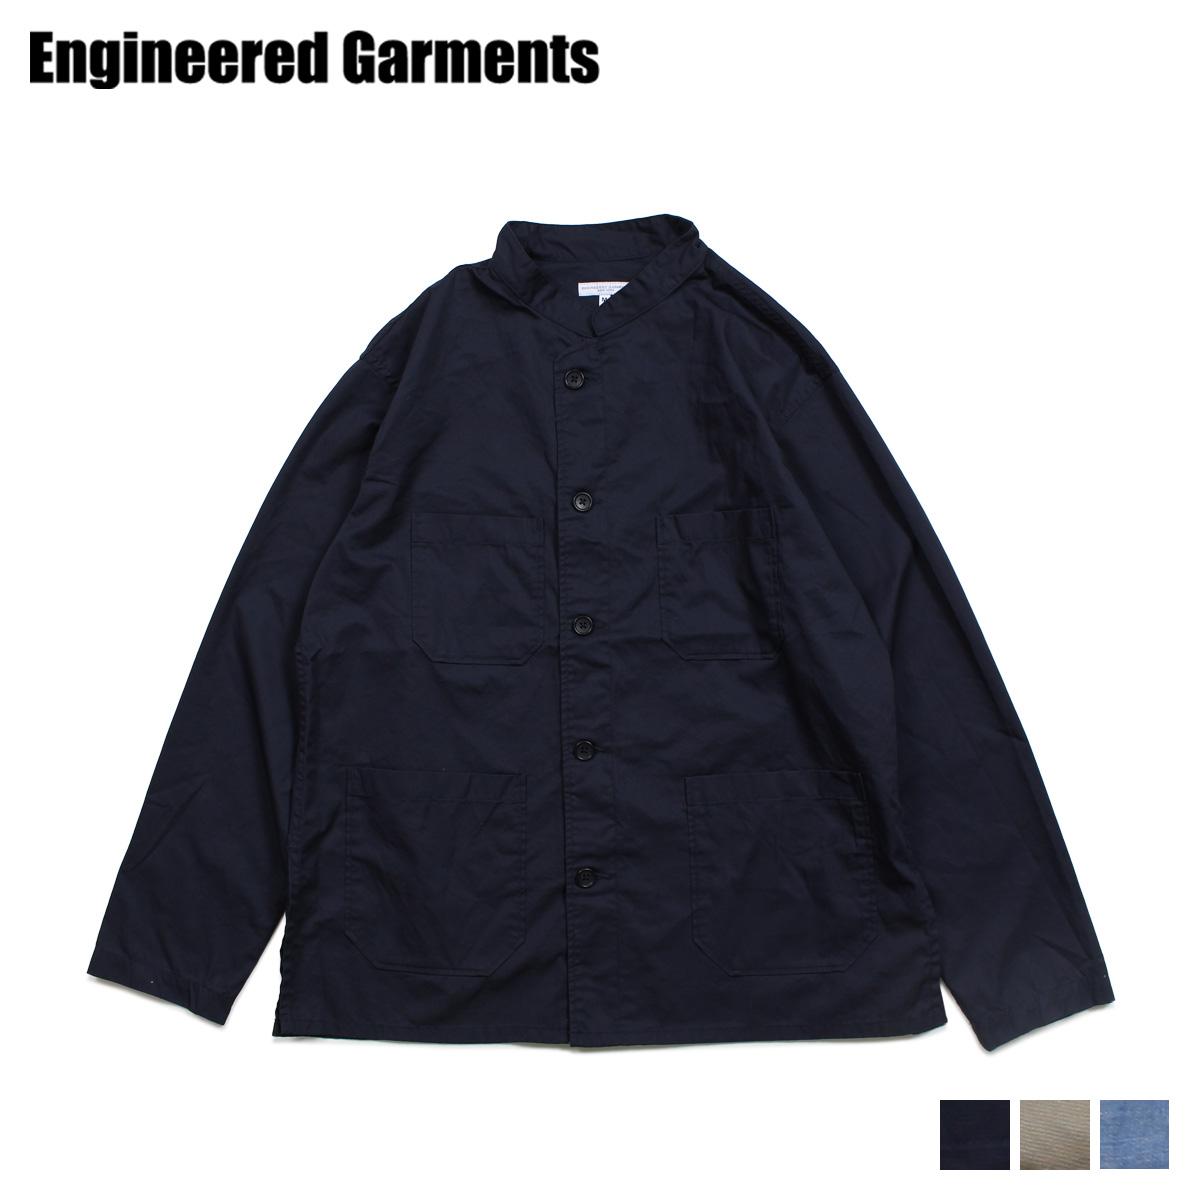 【最大2000円OFFクーポン】 エンジニアドガーメンツ ENGINEERED GARMENTS シャツ 長袖 バンドカラーシャツ メンズ DAYTON SHIRT ダーク ネイビー カーキ ライト ブルー 19SA009